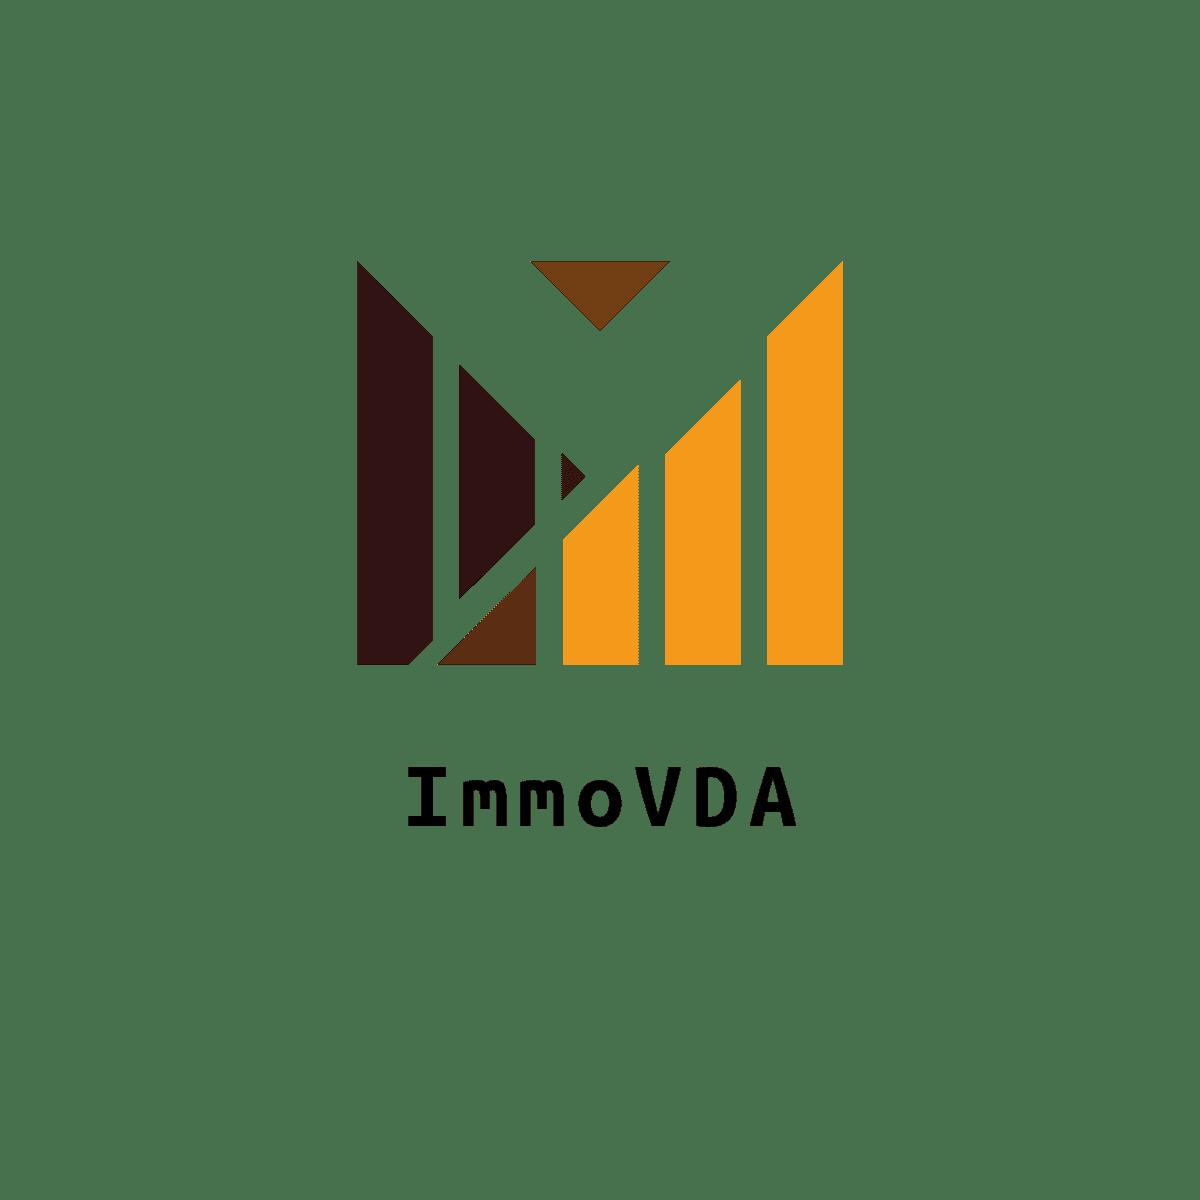 ImmoVDA